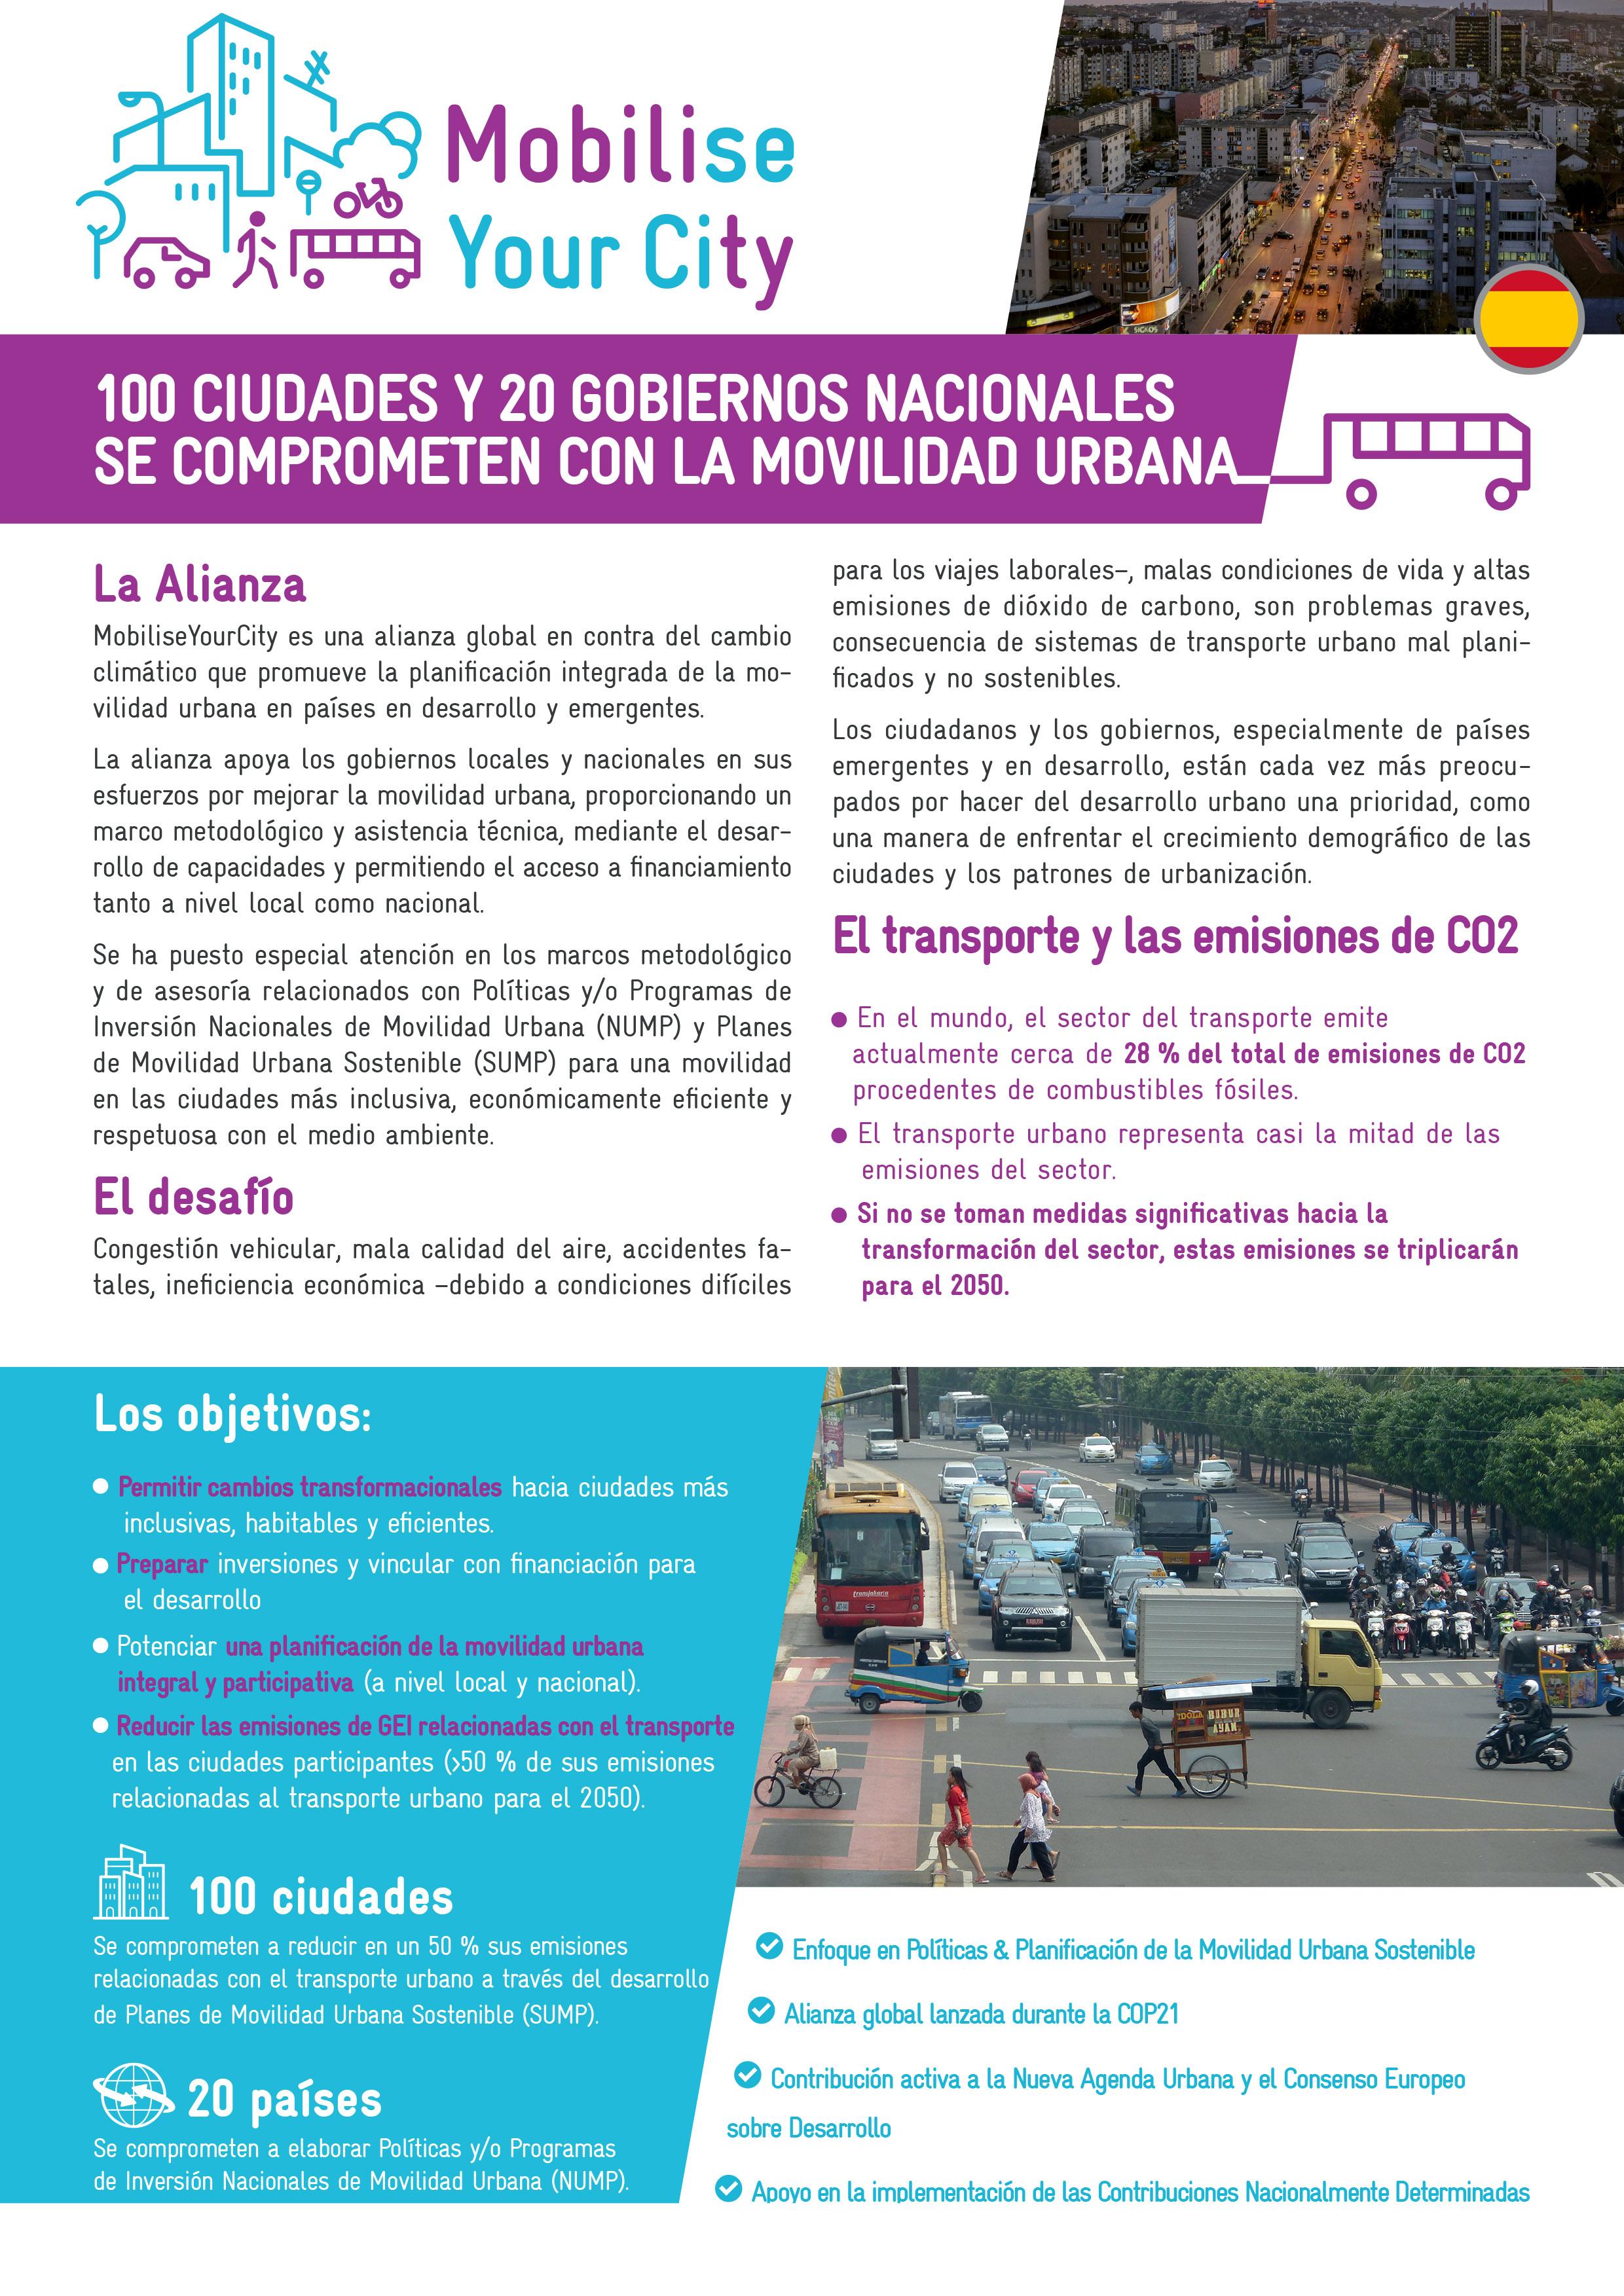 main factsheet   mobiliseyourcity